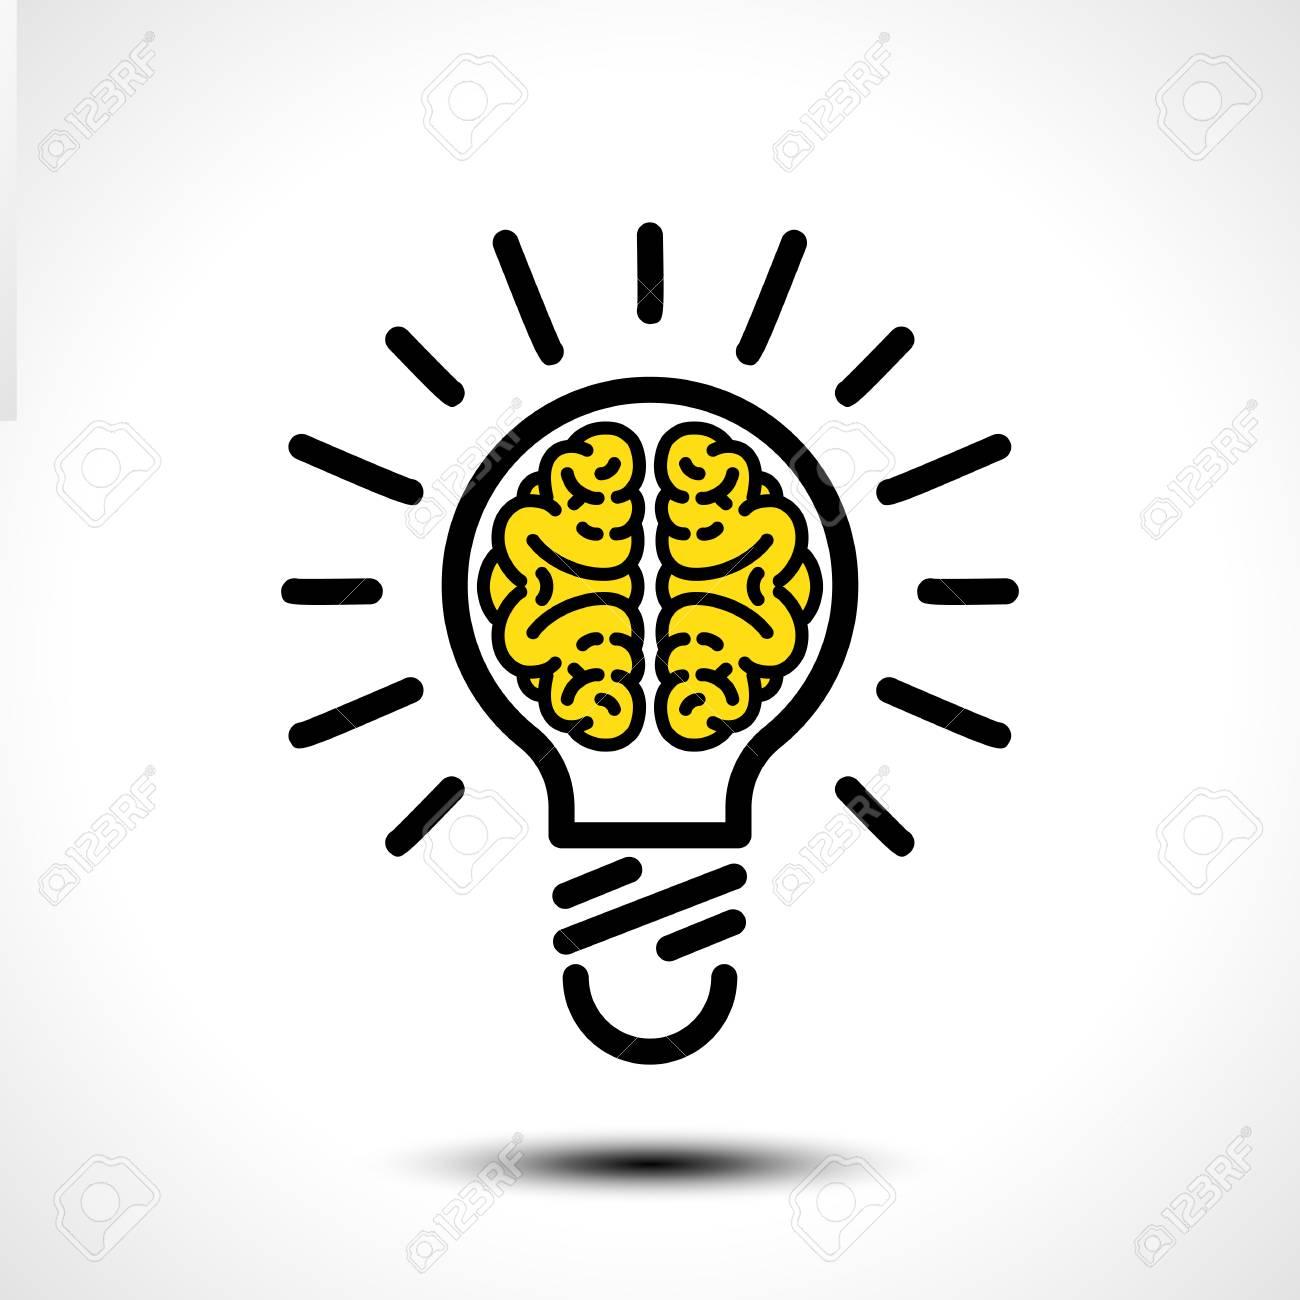 Idee D Ampoule Avec Modele De Logo De Vecteur De Cerveau Icone D Entreprise Telle Que Le Logo Vecteur De Cerveau Idee Ampoule Creatif Clip Art Libres De Droits Vecteurs Et Illustration Image